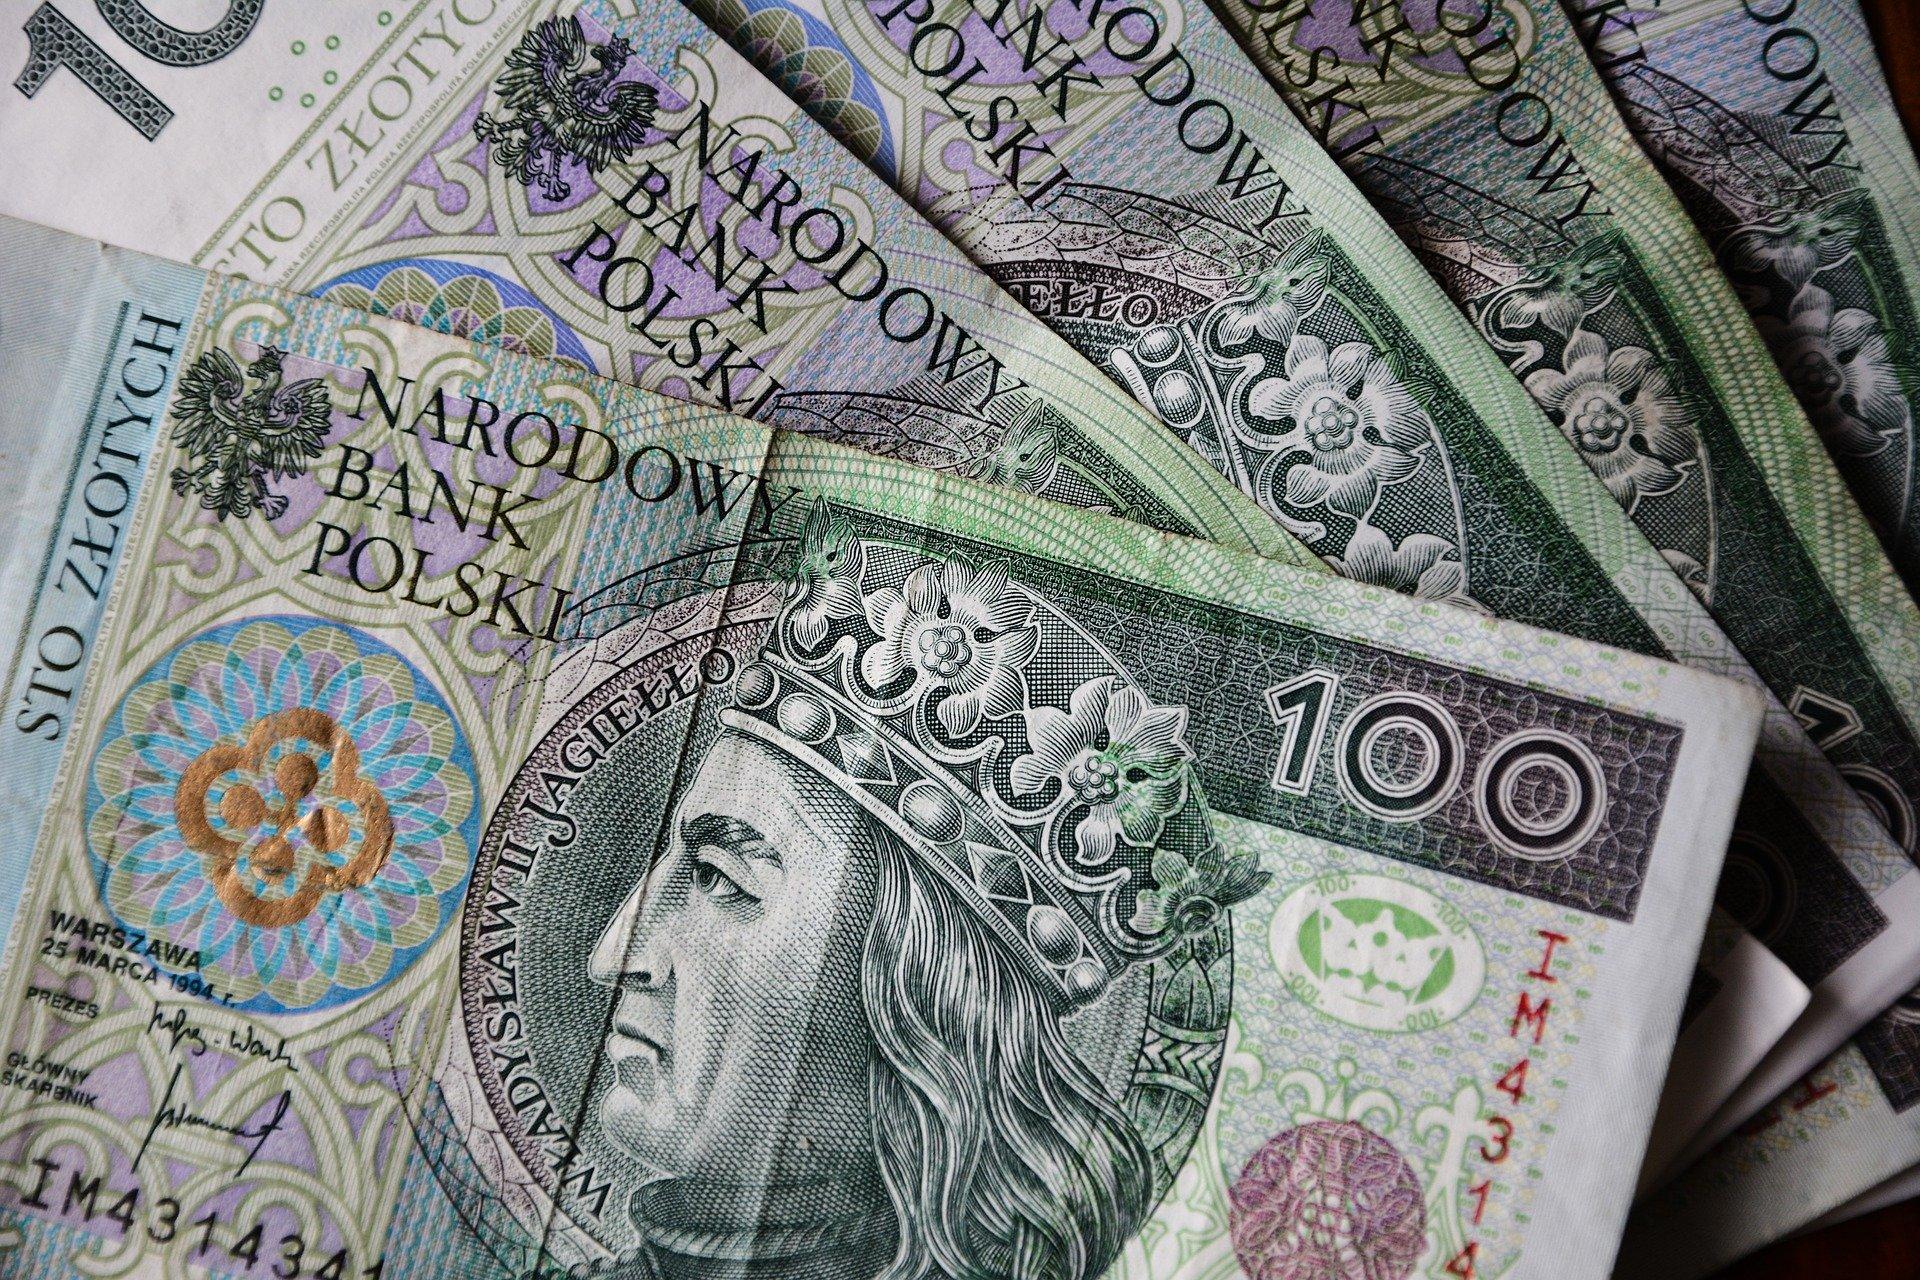 Znamy kwotę pensji minimalnej w 2022 roku? Sprawdź! - Zdjęcie główne